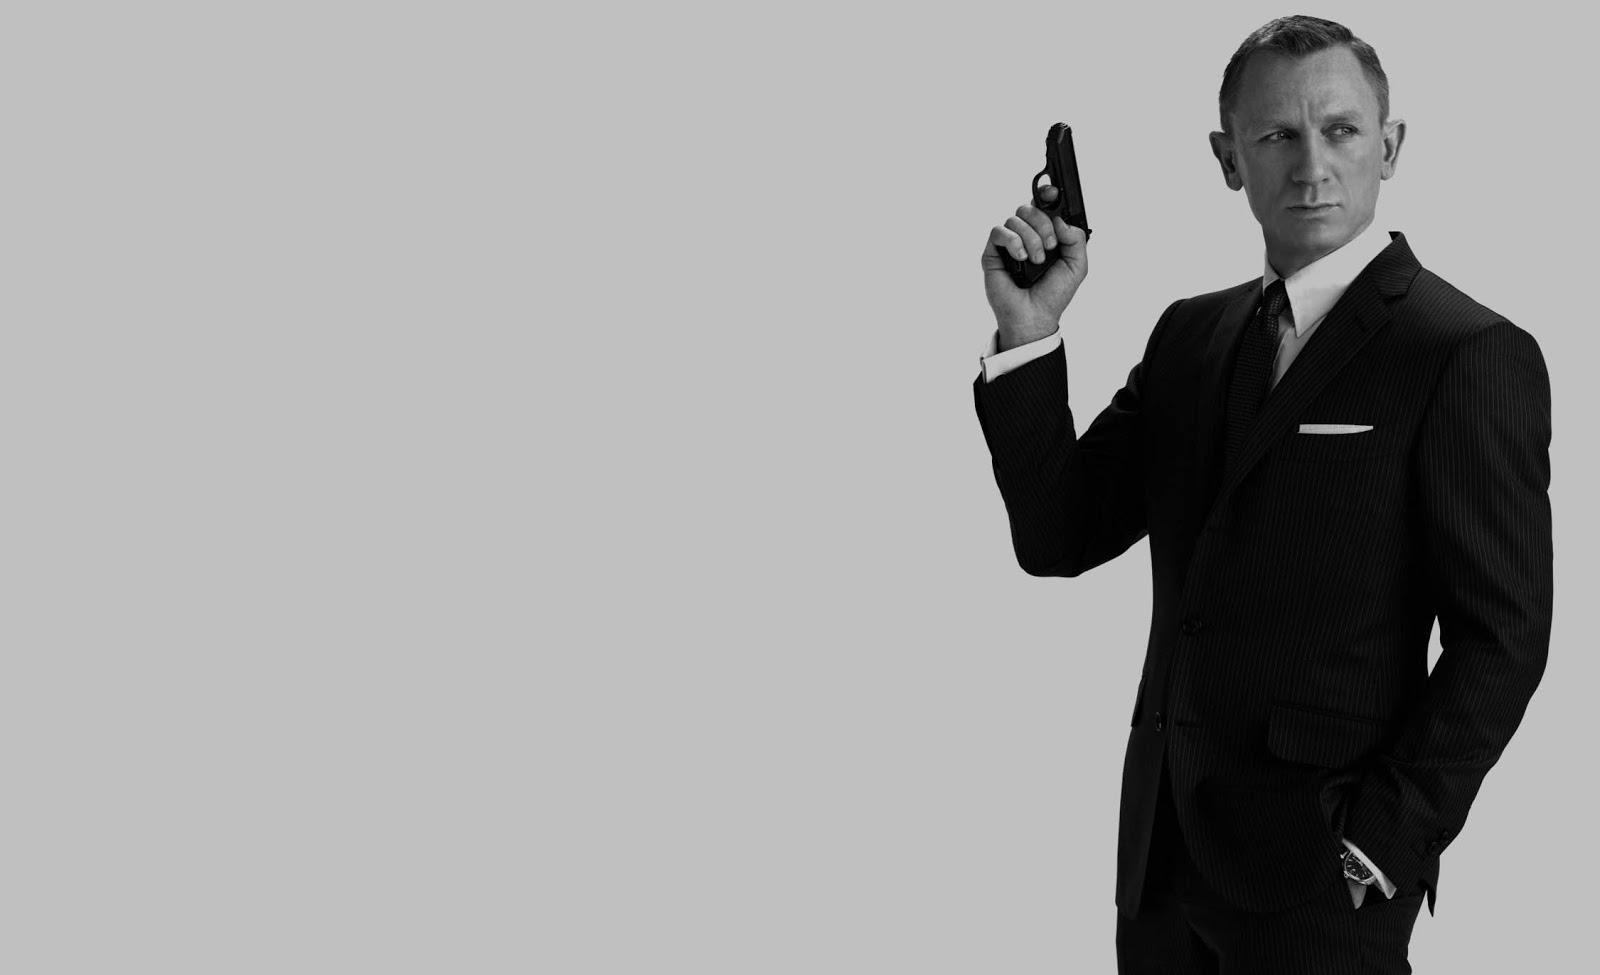 Cara Delevinge quiere ser la primera protagonista Bond